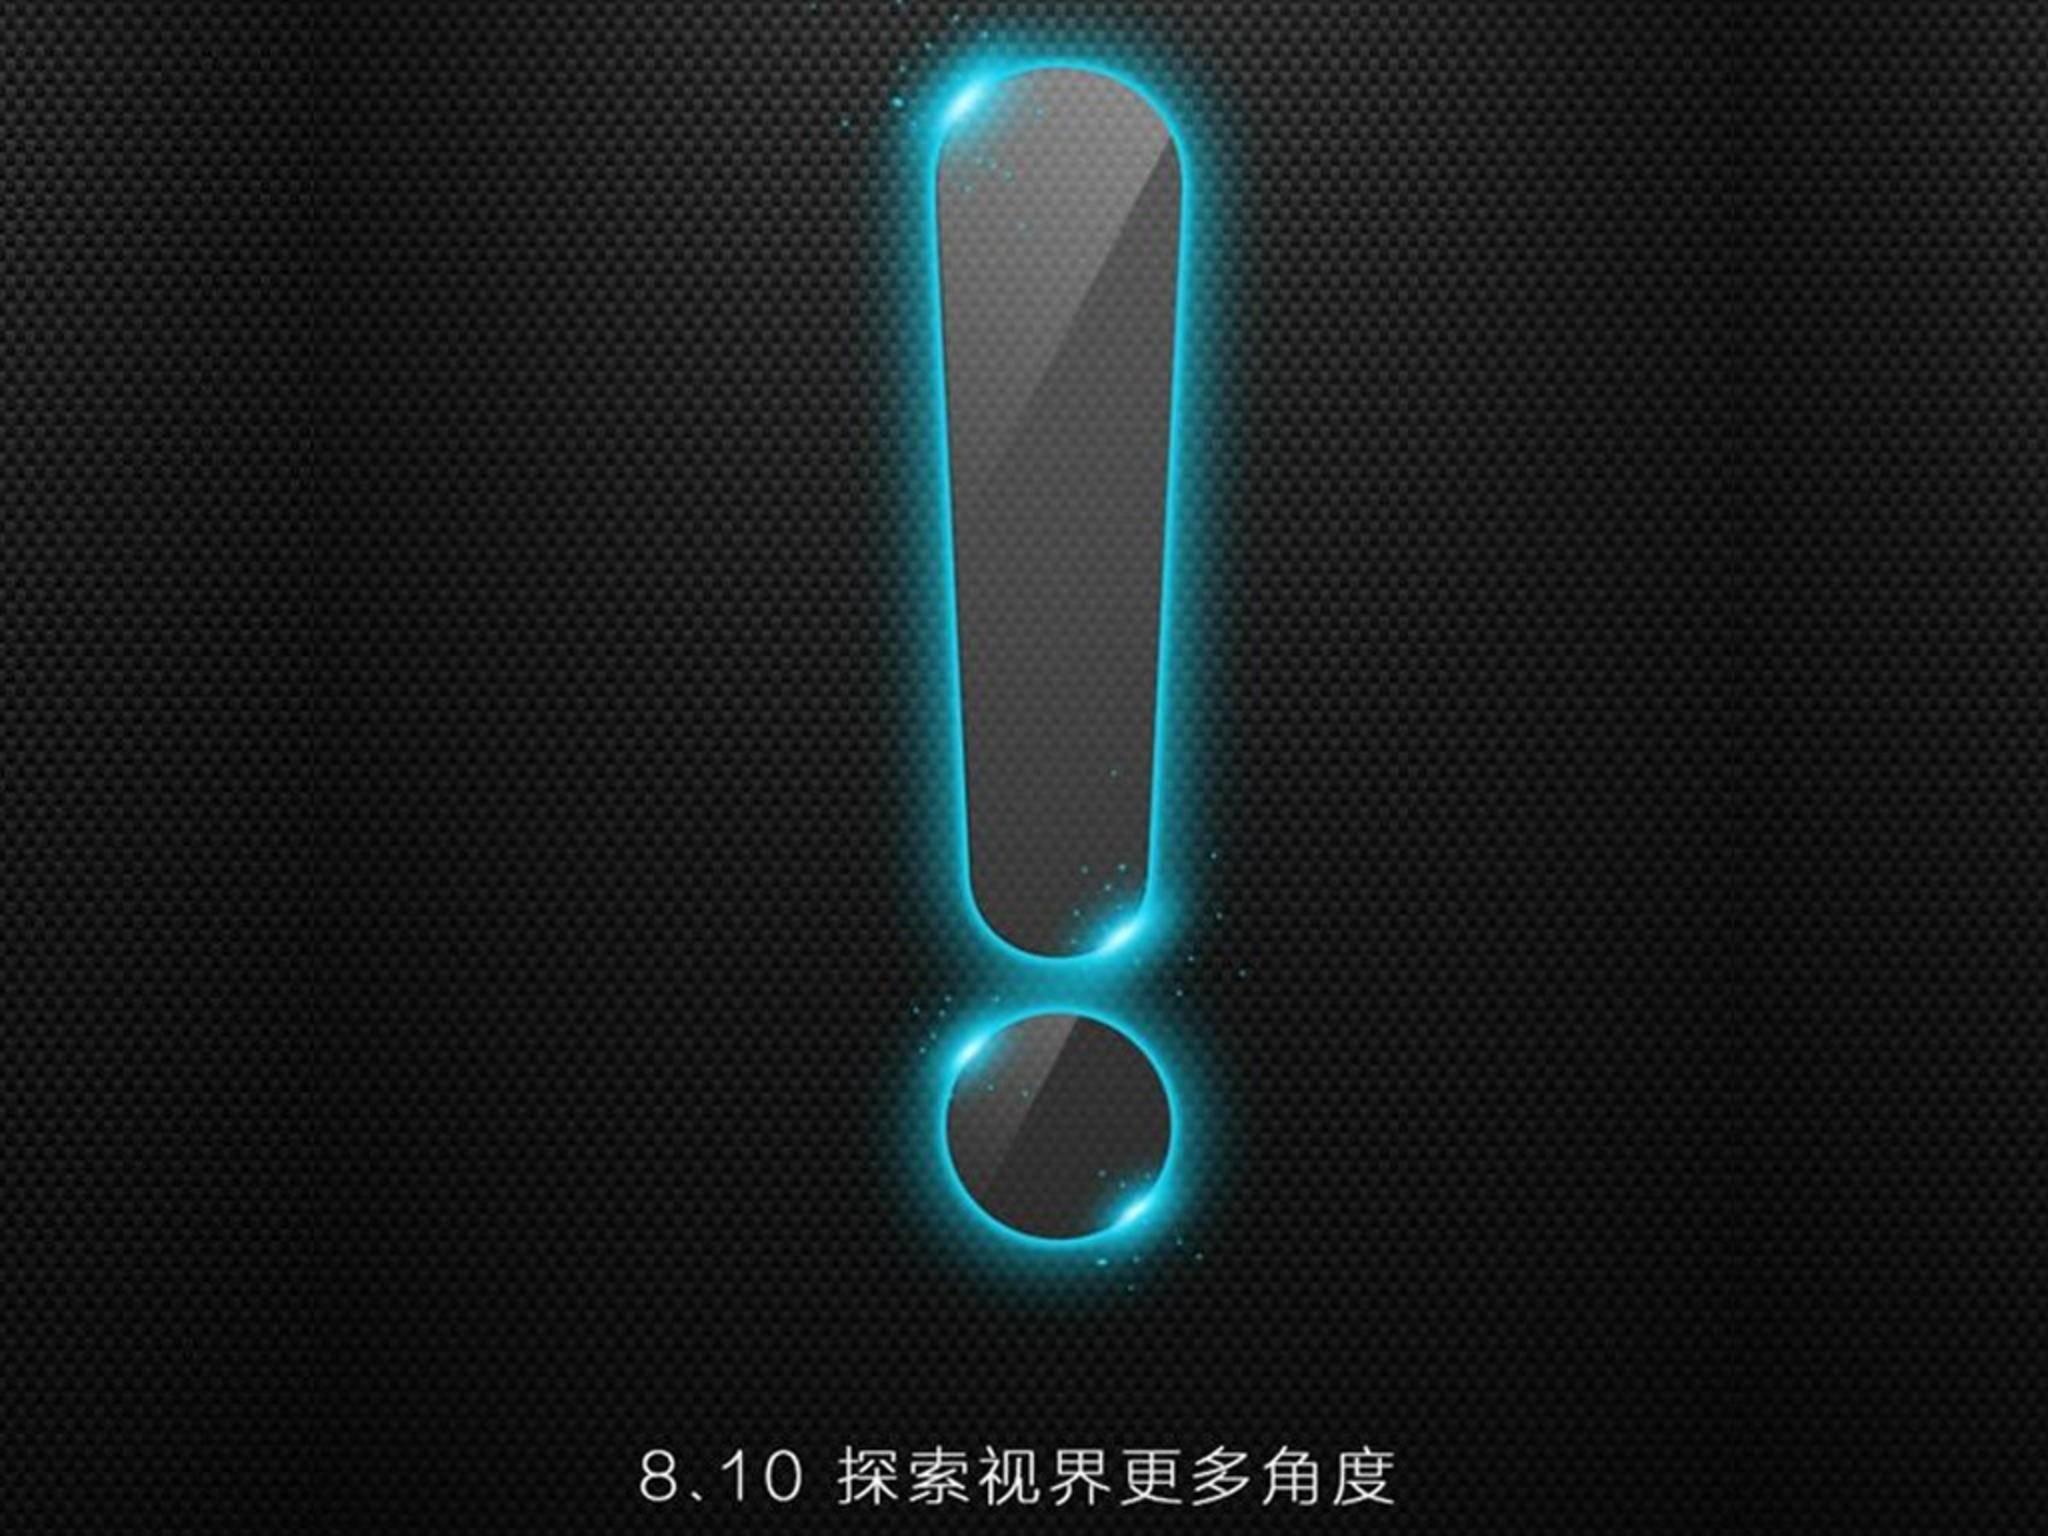 Weist der mysteriöse Teaser von Huawei bereits auf die Präsentation des neuen Honor hin?